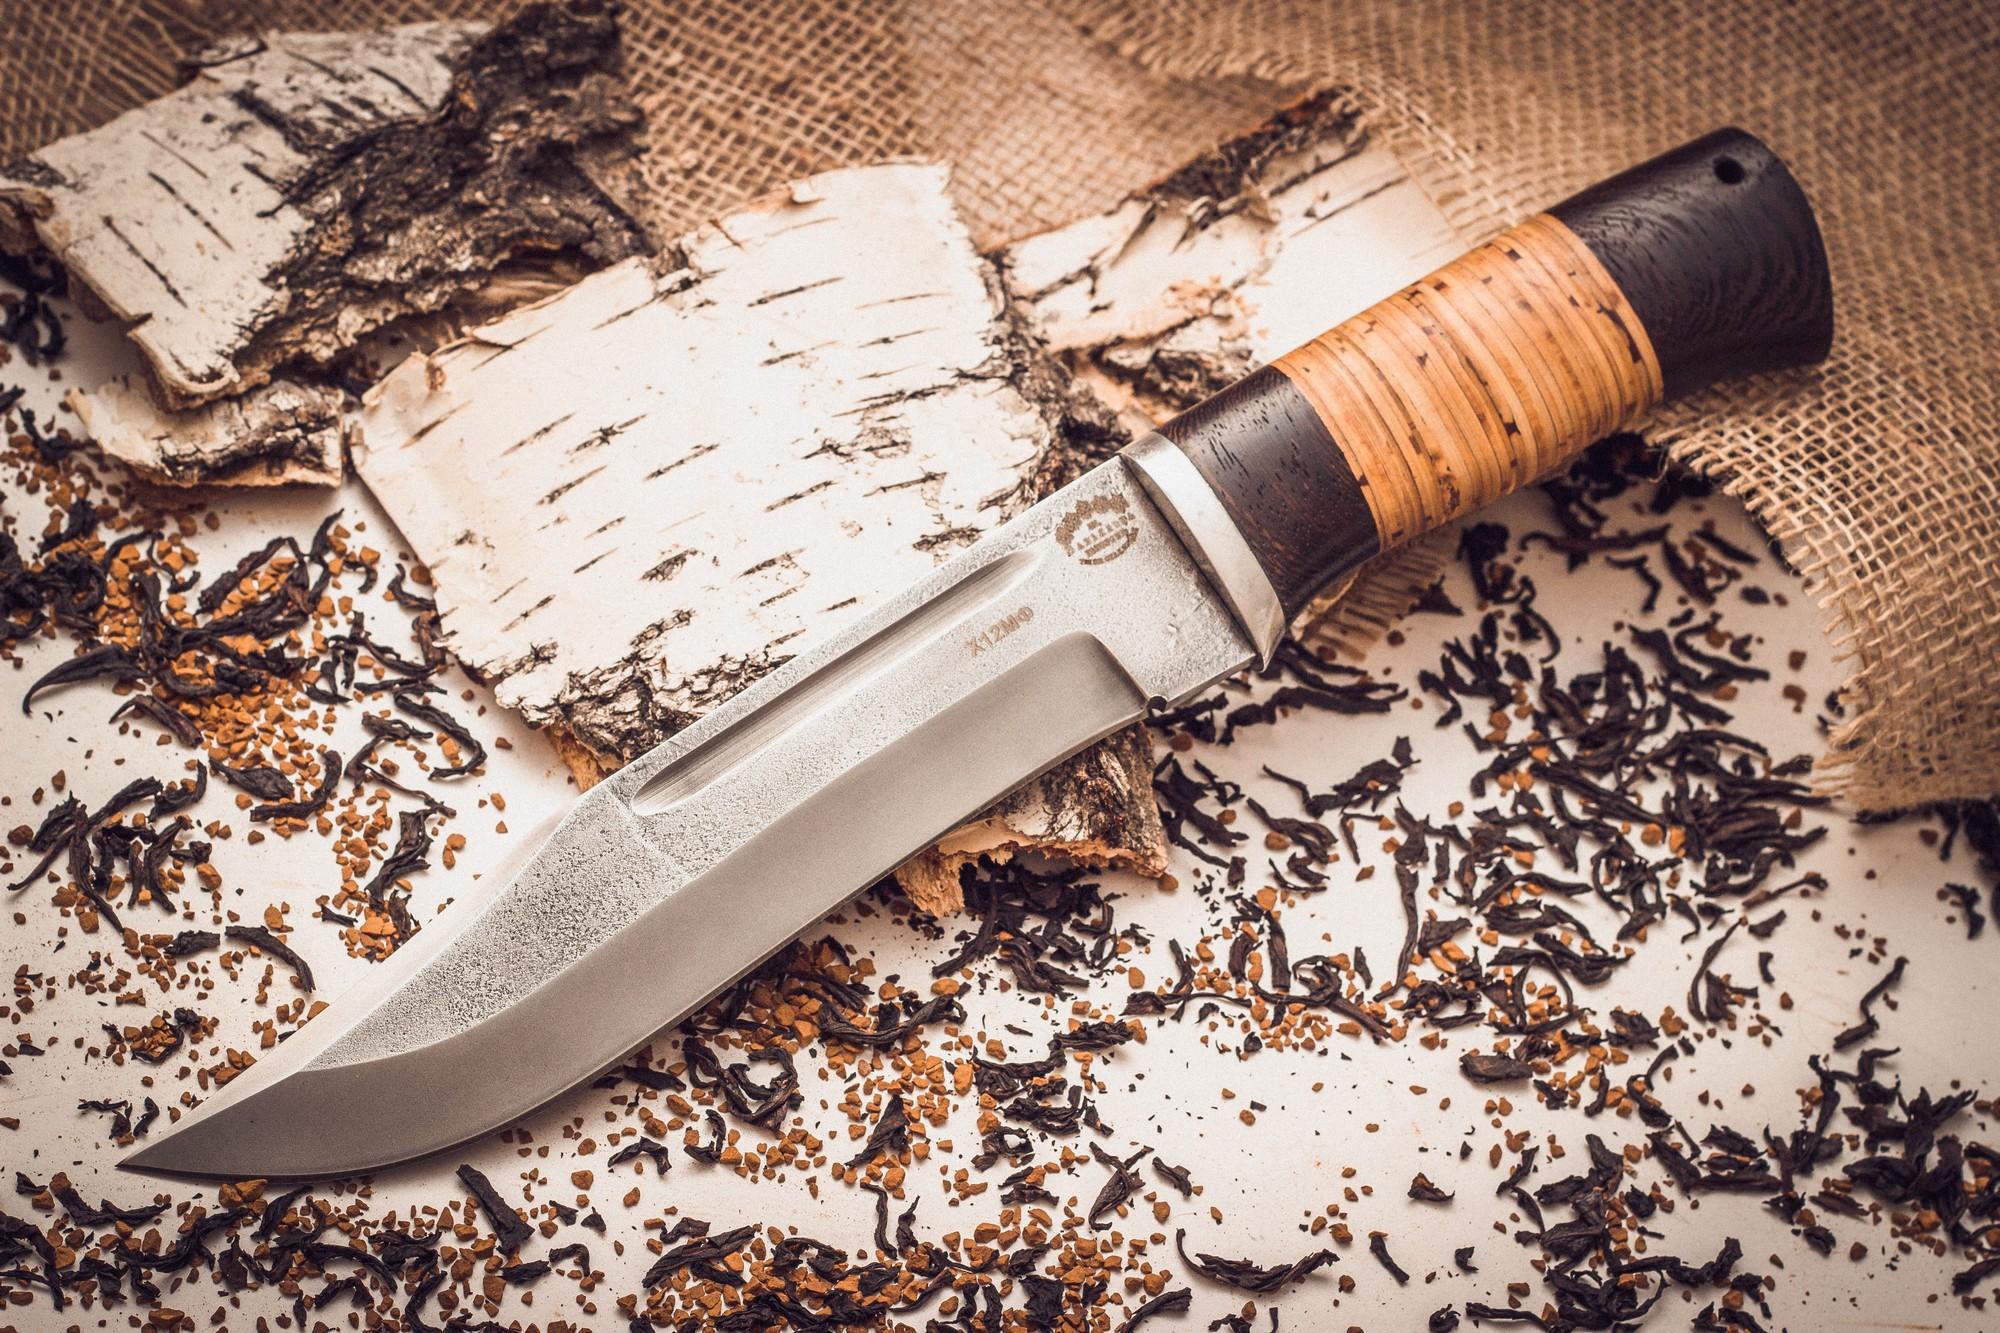 Нож Пустынный орел кованый Х12МФ, береста кованый нож беркут 2 с латунной гардой и навершием х12мф